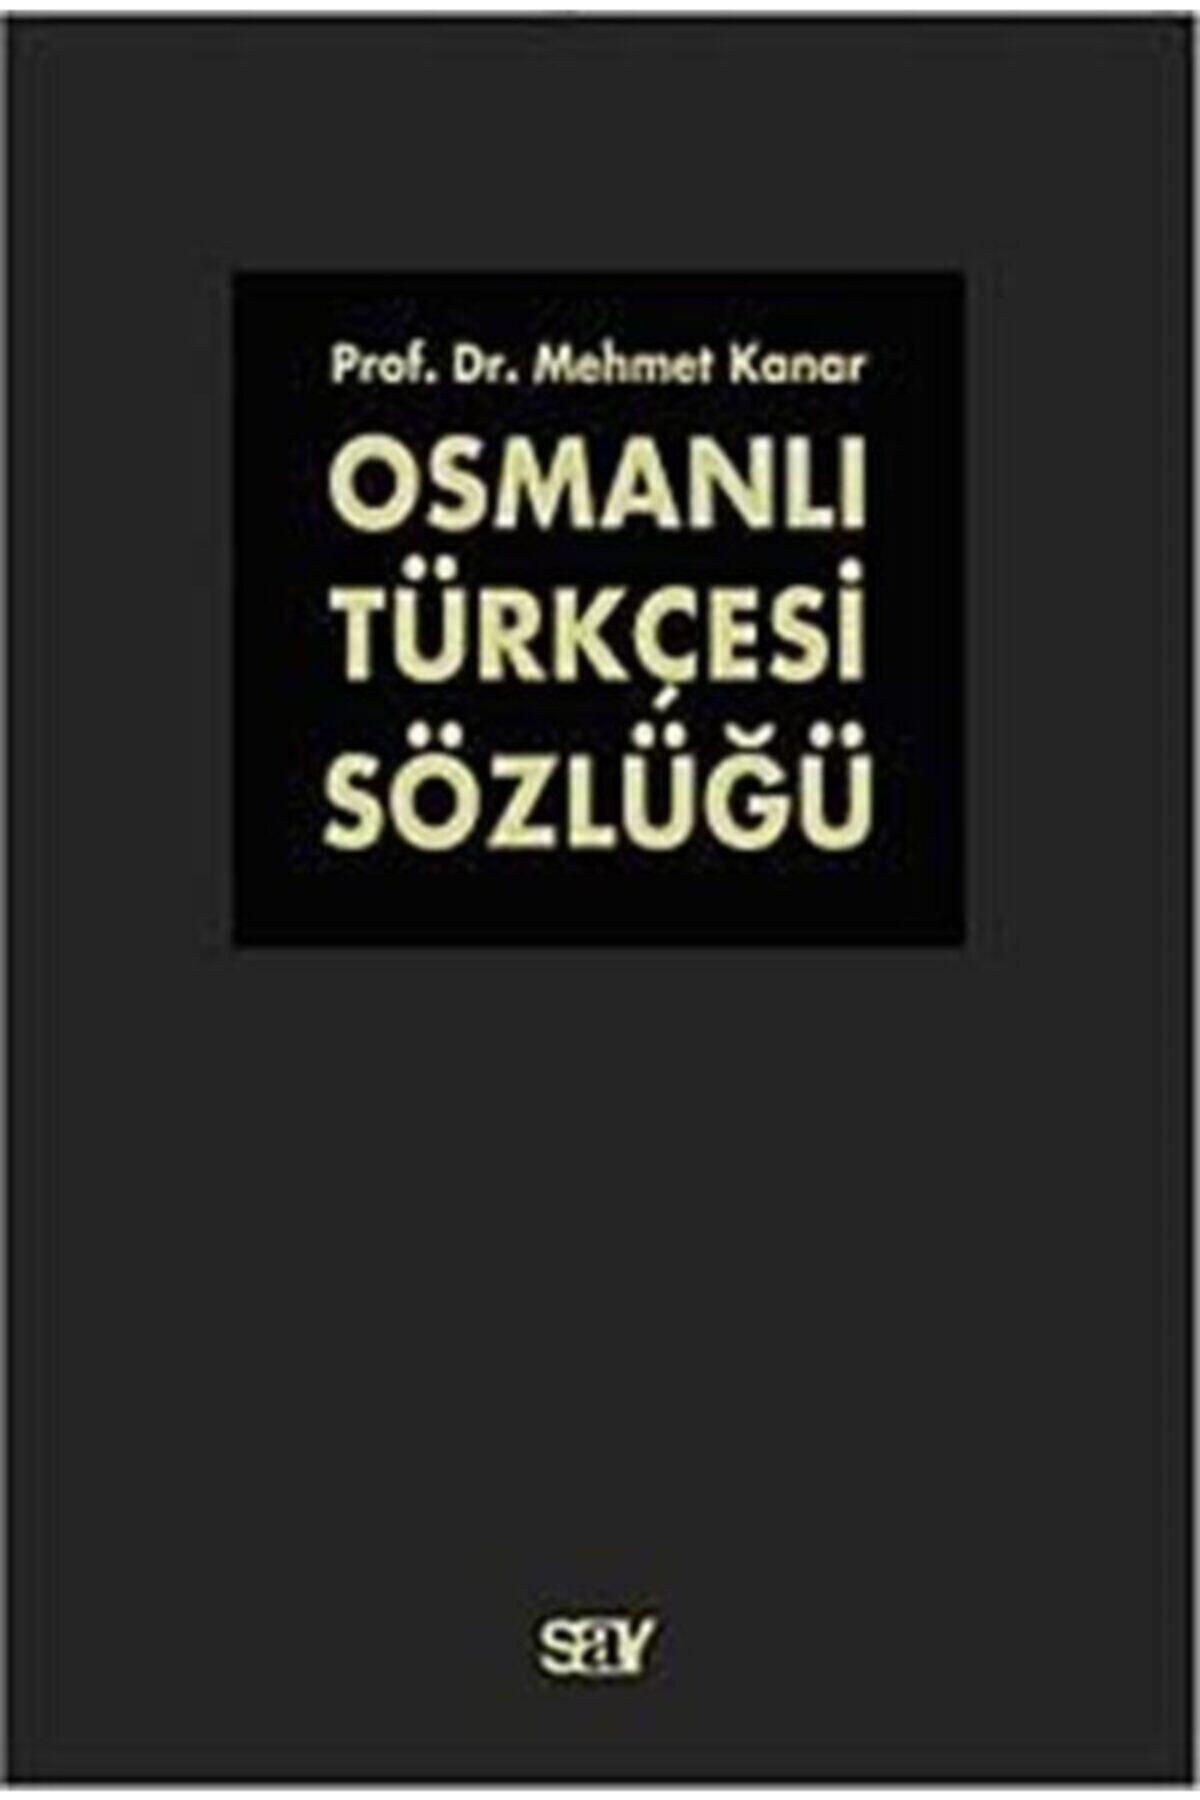 Say Yayınları Osmanlı Türkçesi Sözlüğü (2 Cilt Takım) - Mehmet Kanar 9789754688559 1